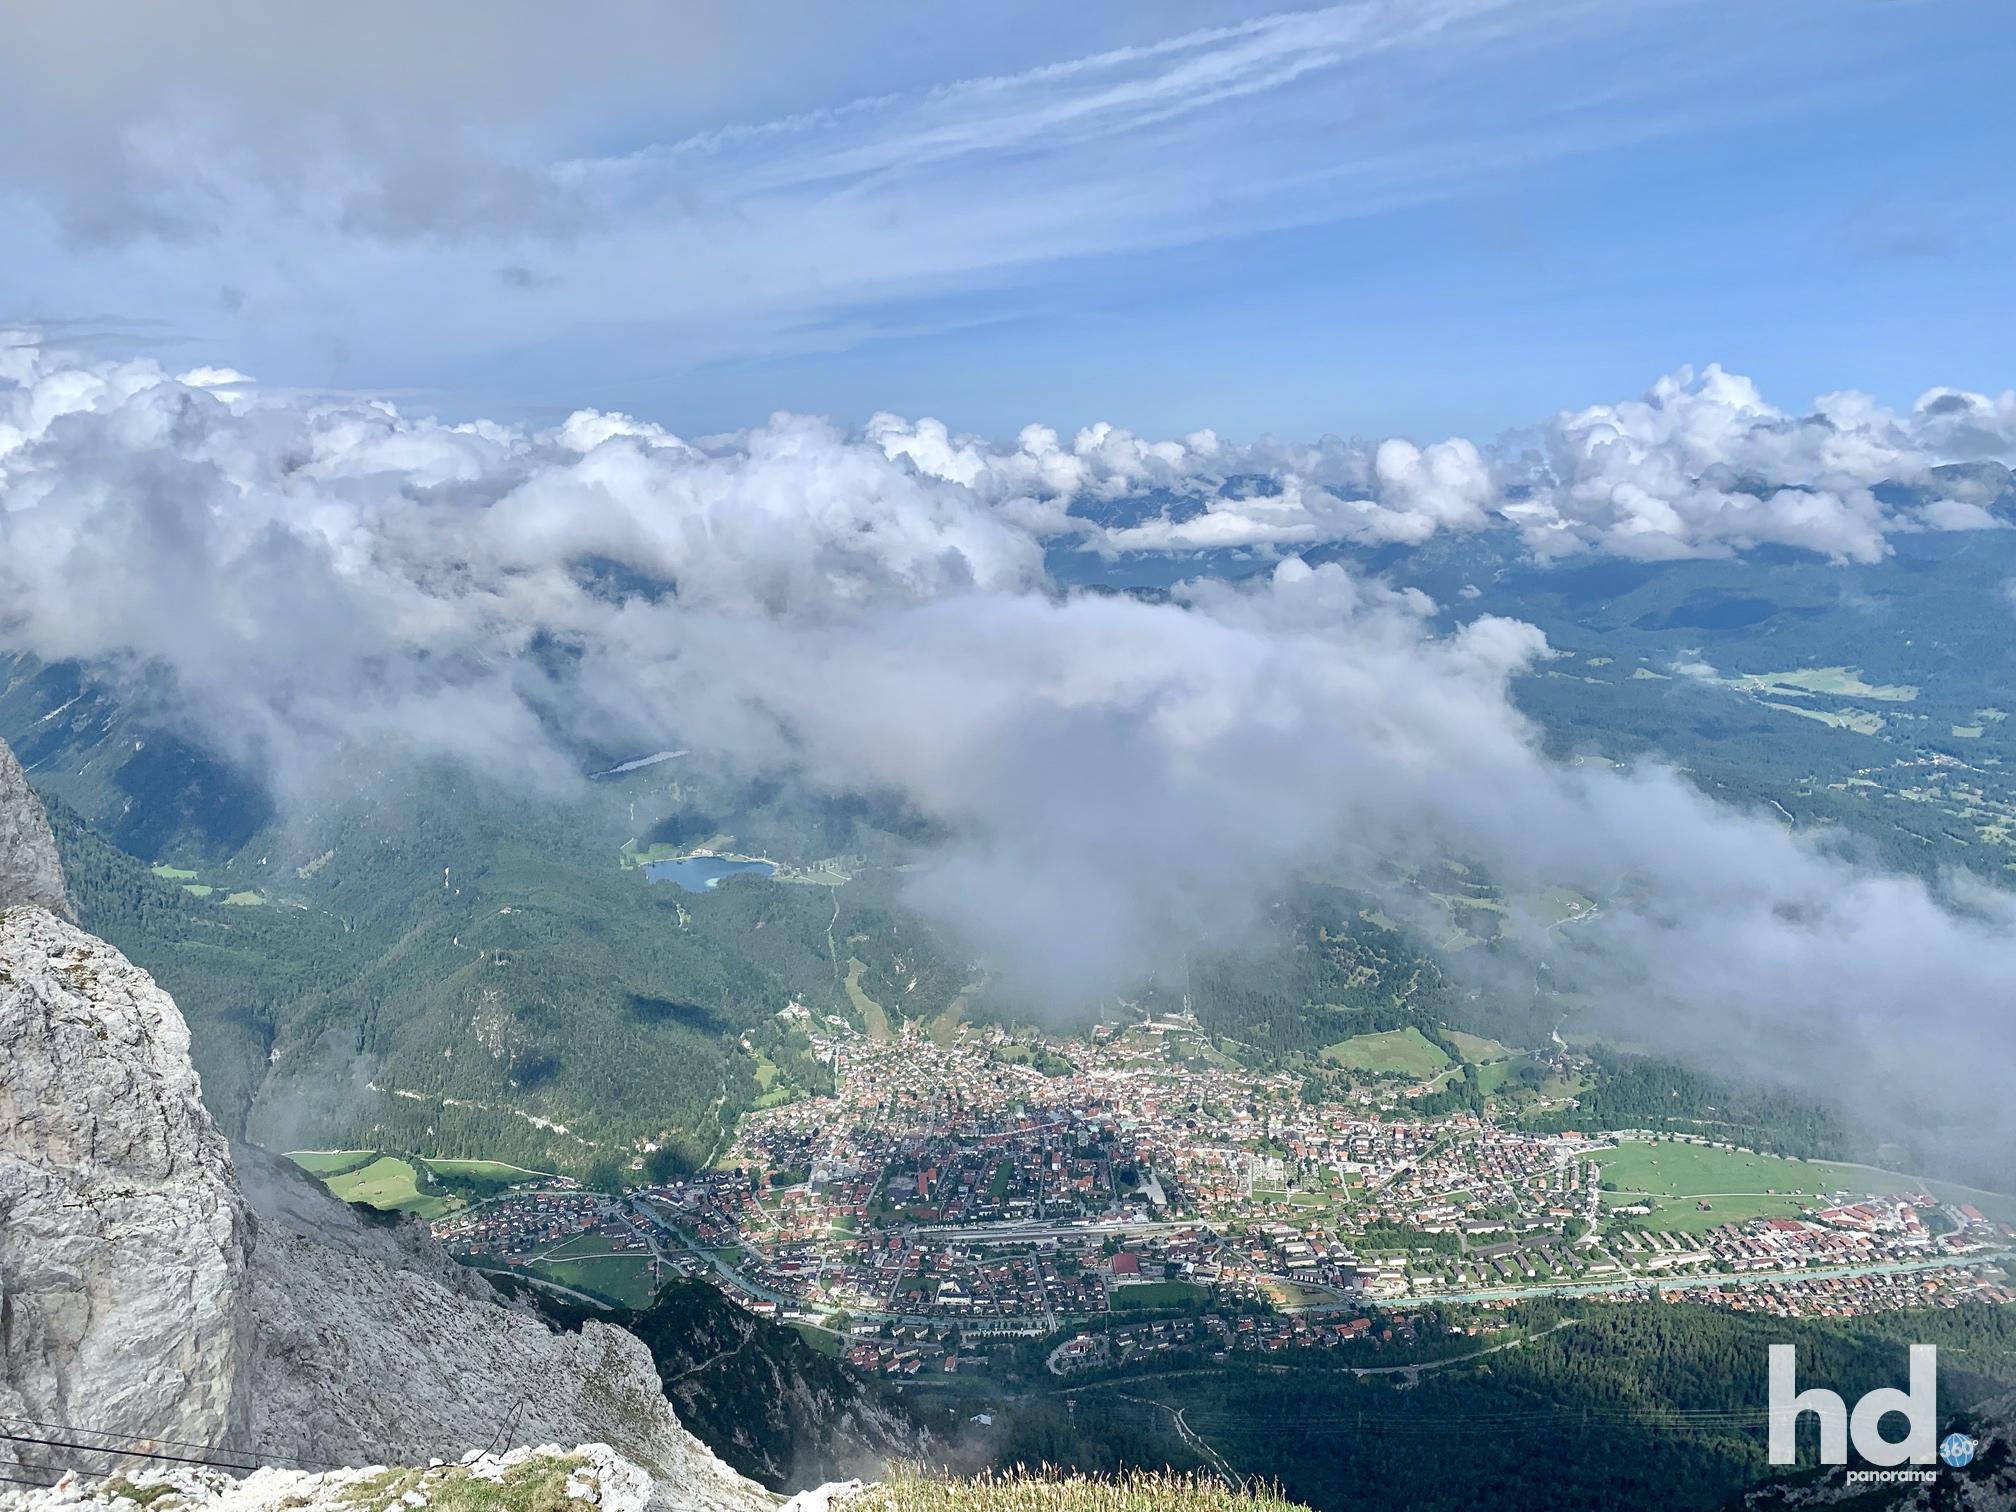 Westlicher Karwendelspitz auf 2.244 Meter, Blick auf Mittenwald, Foto © HD-Panorama